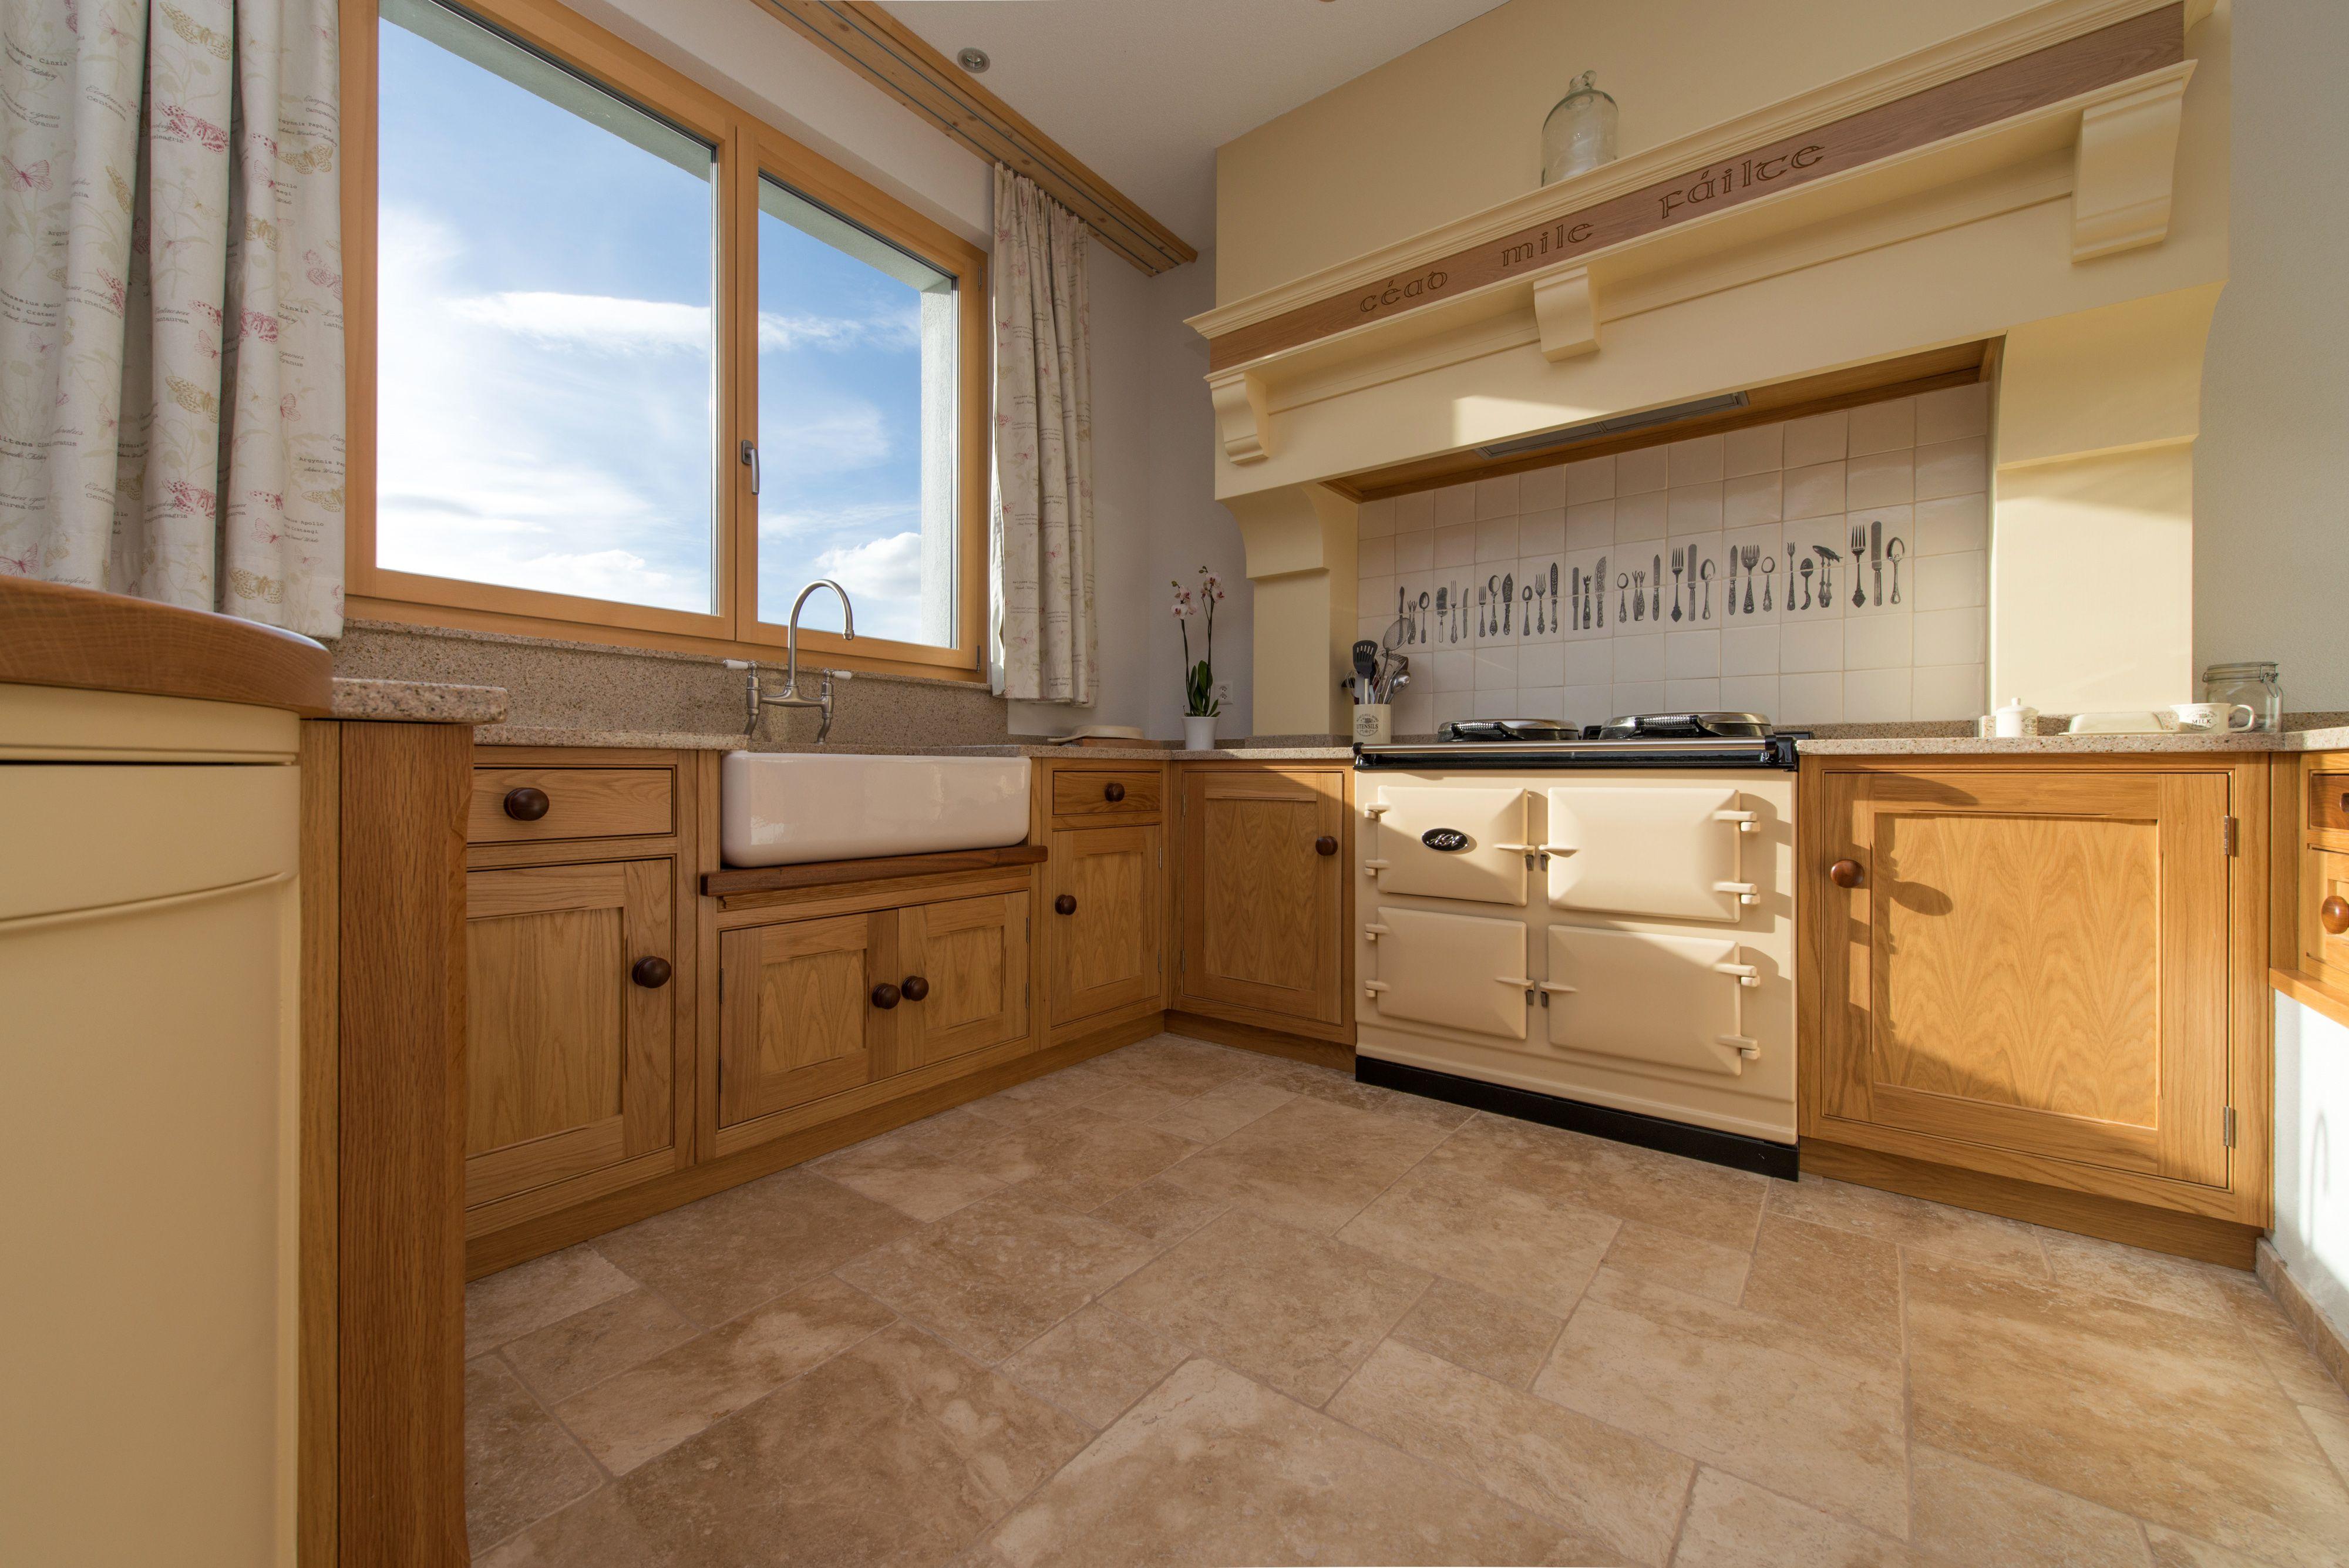 Charmante Landhausküche Mit Travertin Als Bodenbelag